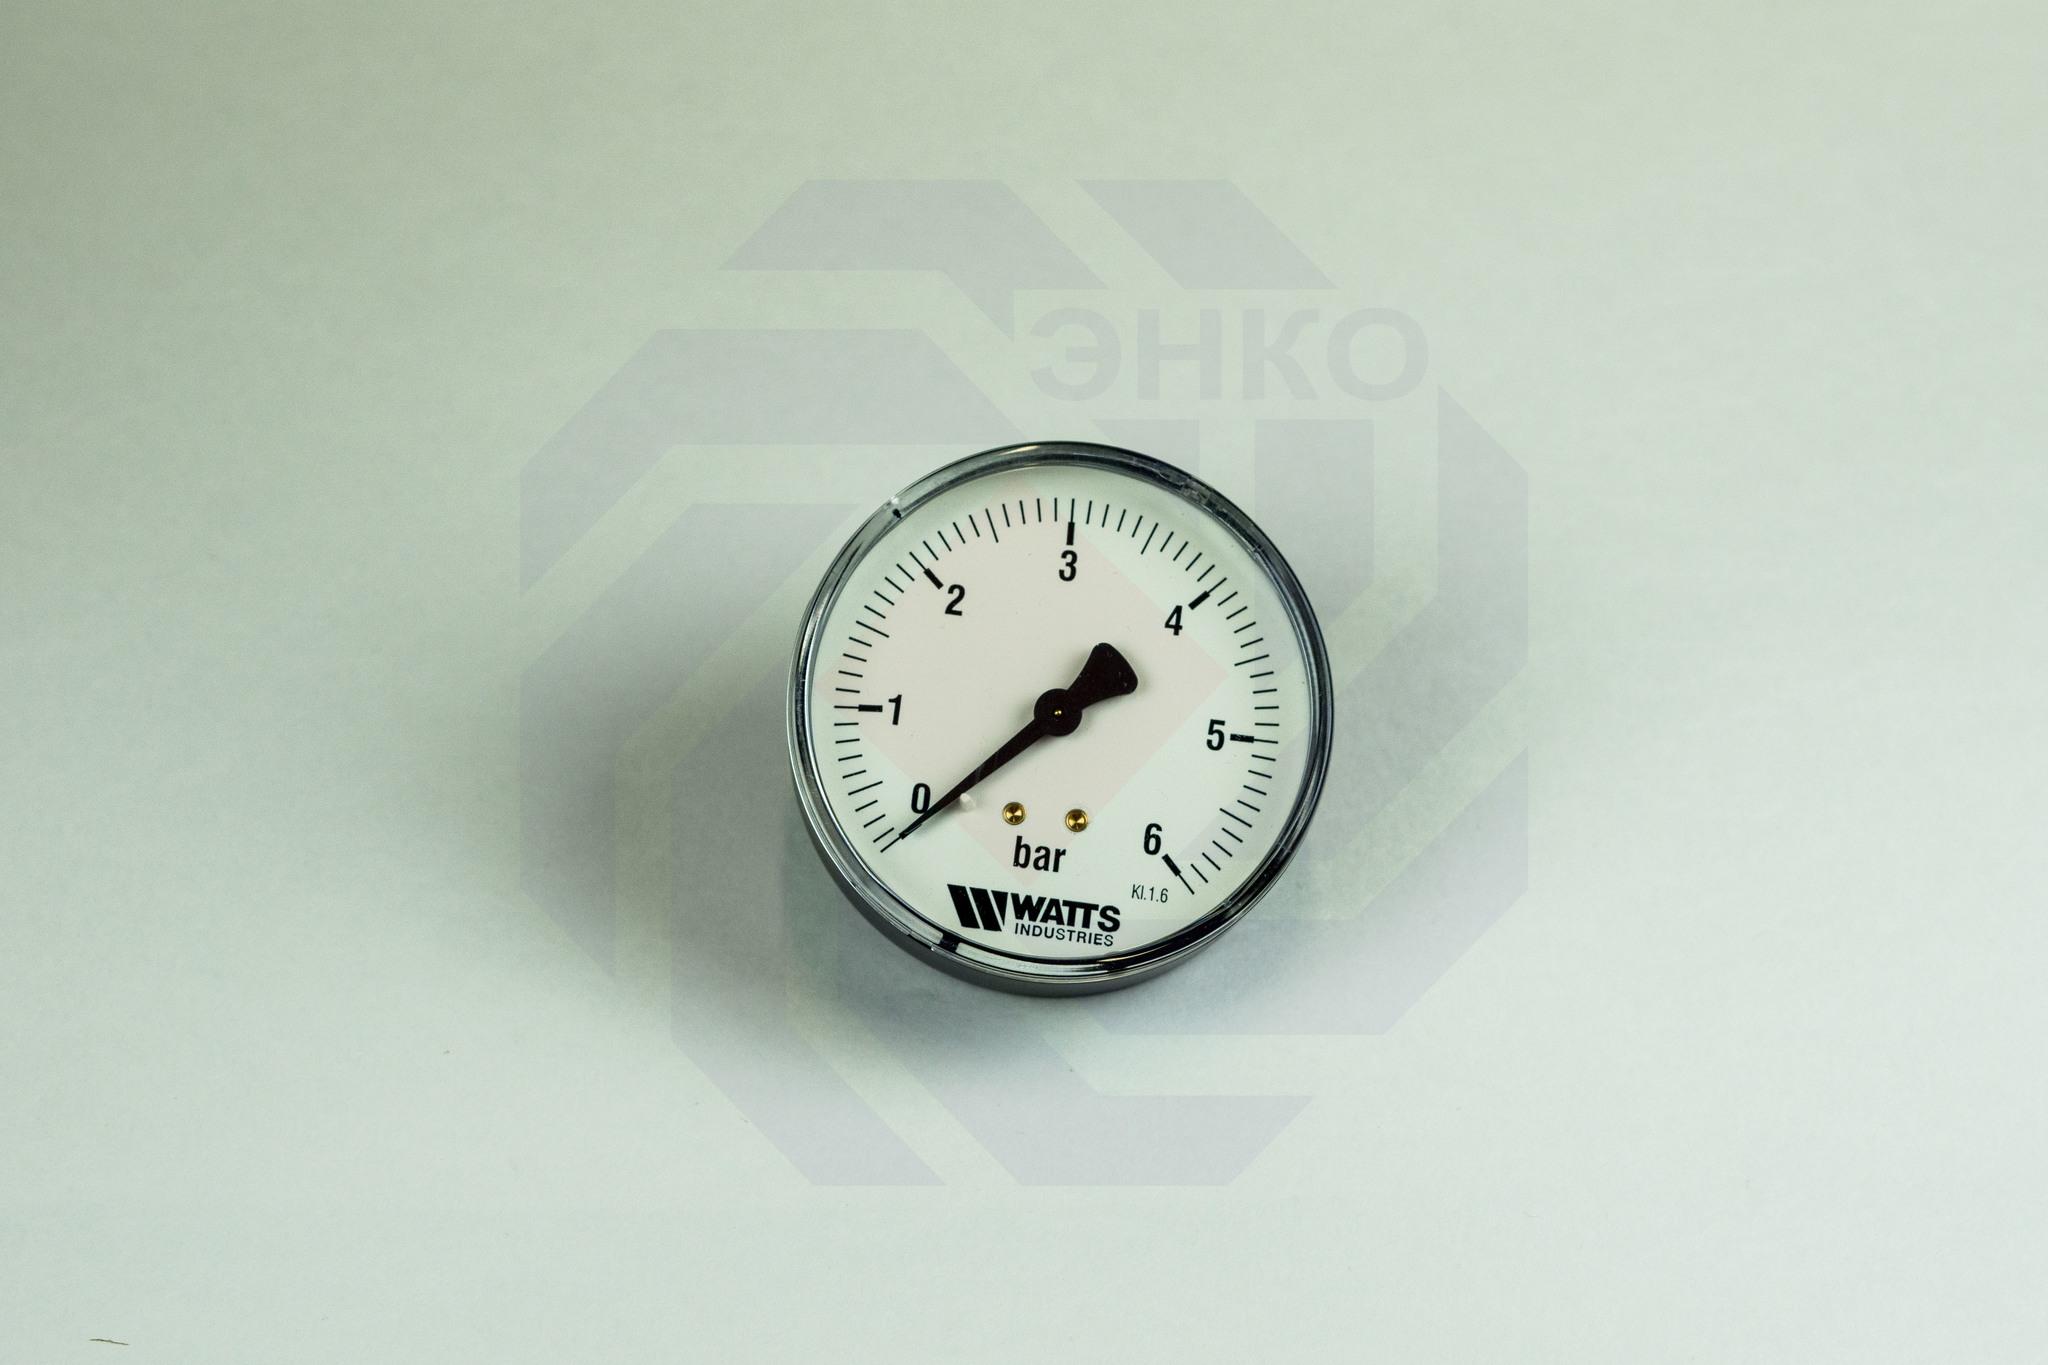 Манометр аксиальный WATTS MDA 80/6 (F+R150) 0-6 бар 80 мм ¼